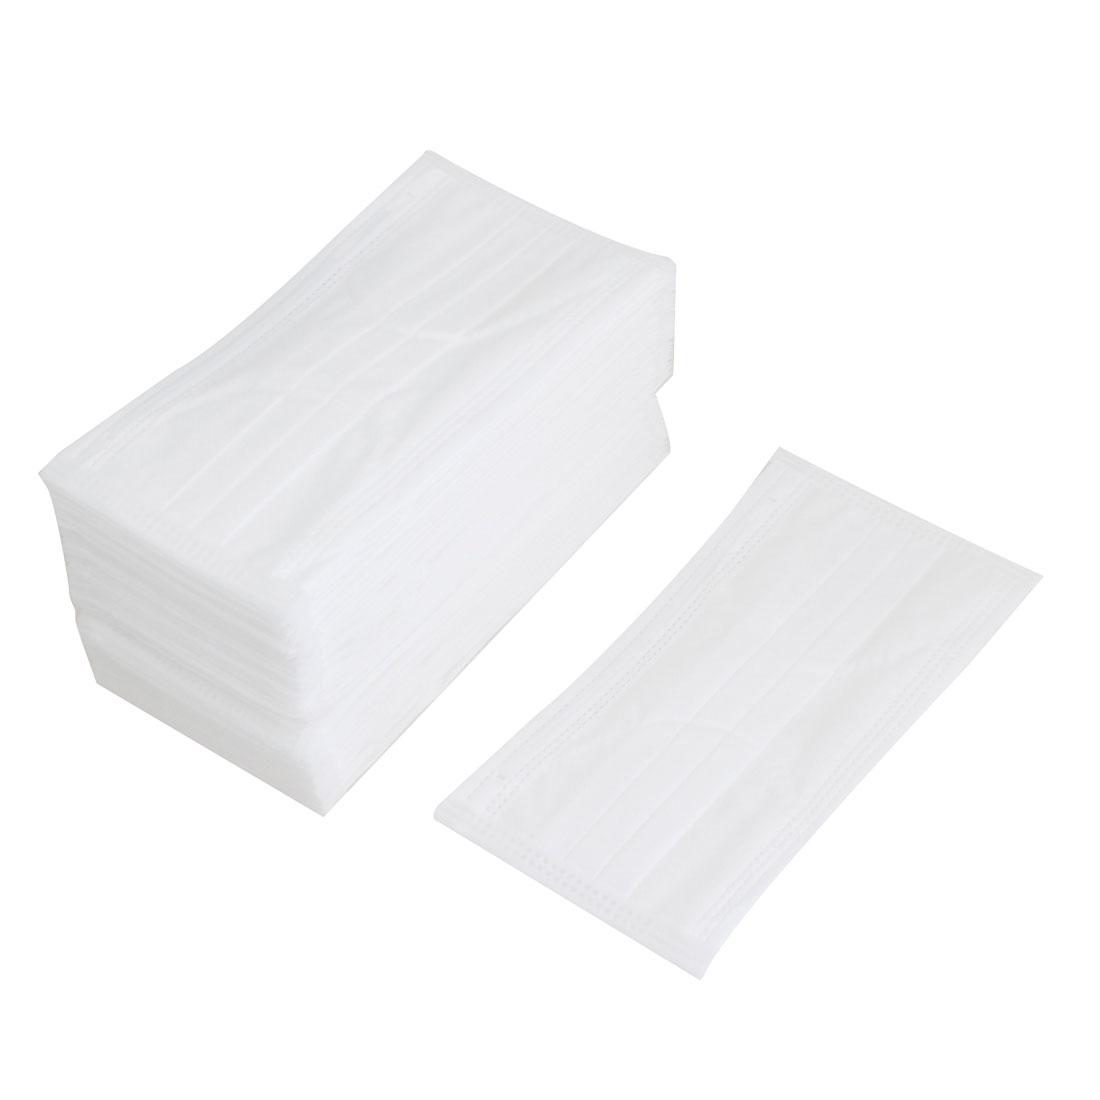 Non Woven Fabric Medicinal Disposable Face Mask 50 Pcs